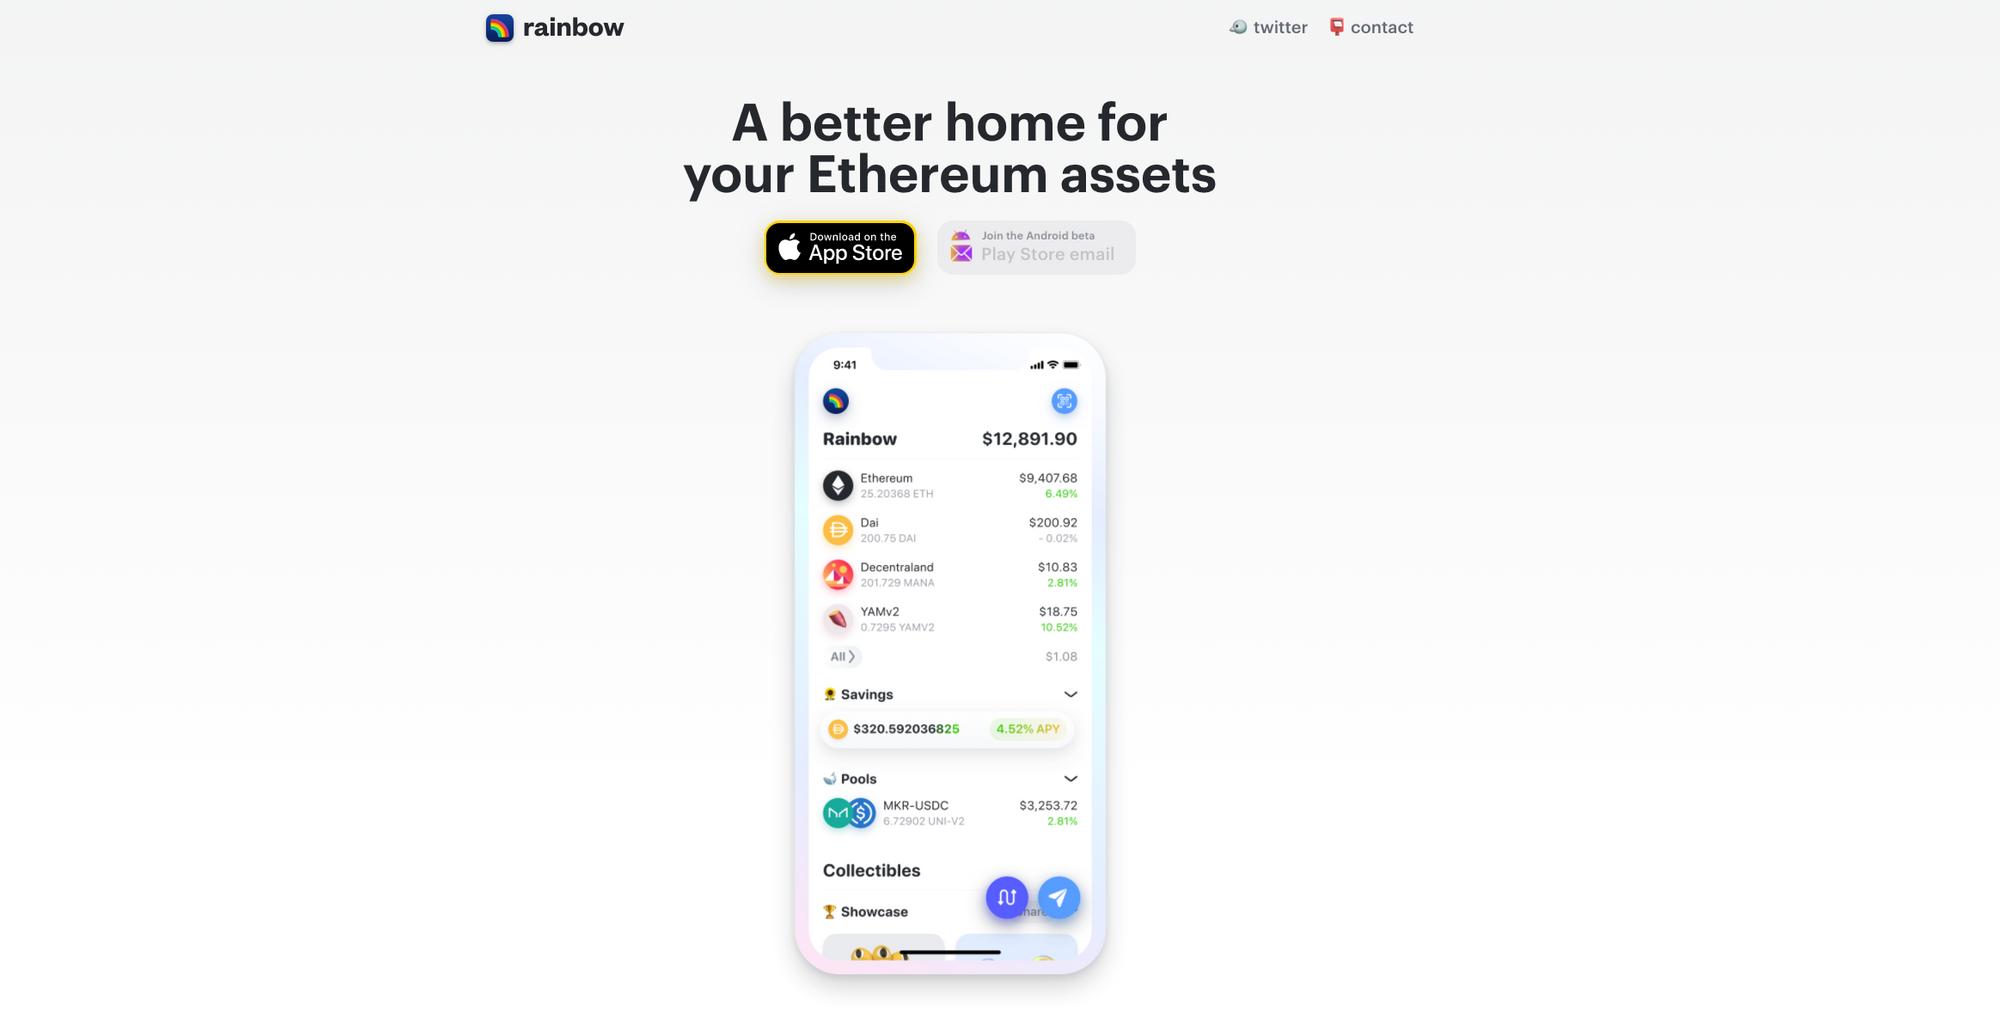 Ein Marketing-Image für die Rainbow Ethereum-Brieftasche für iOS und Android